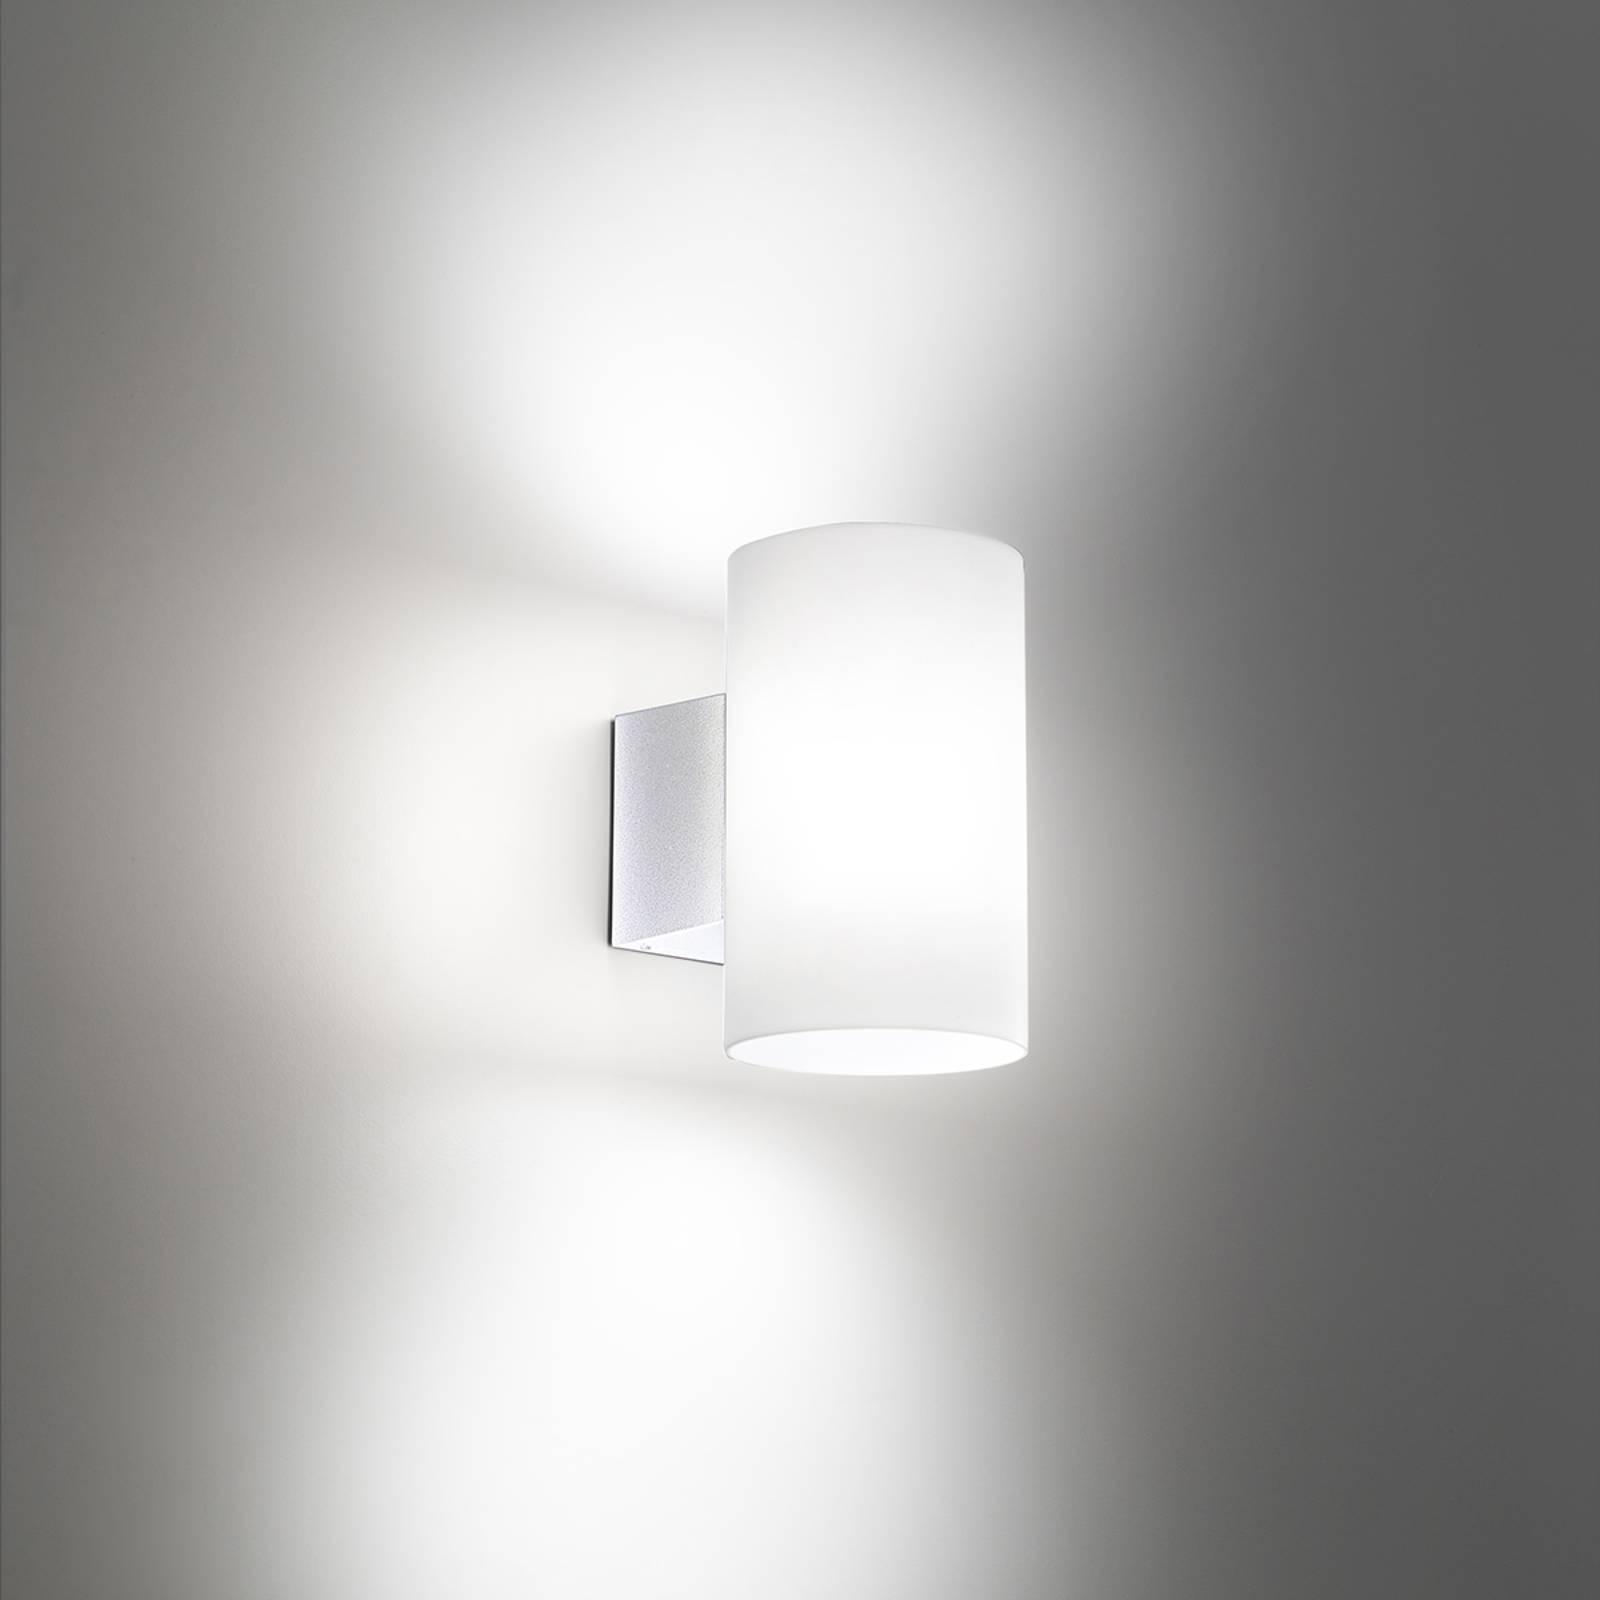 LED-ulkoseinälamppu Bianca, valkoinen